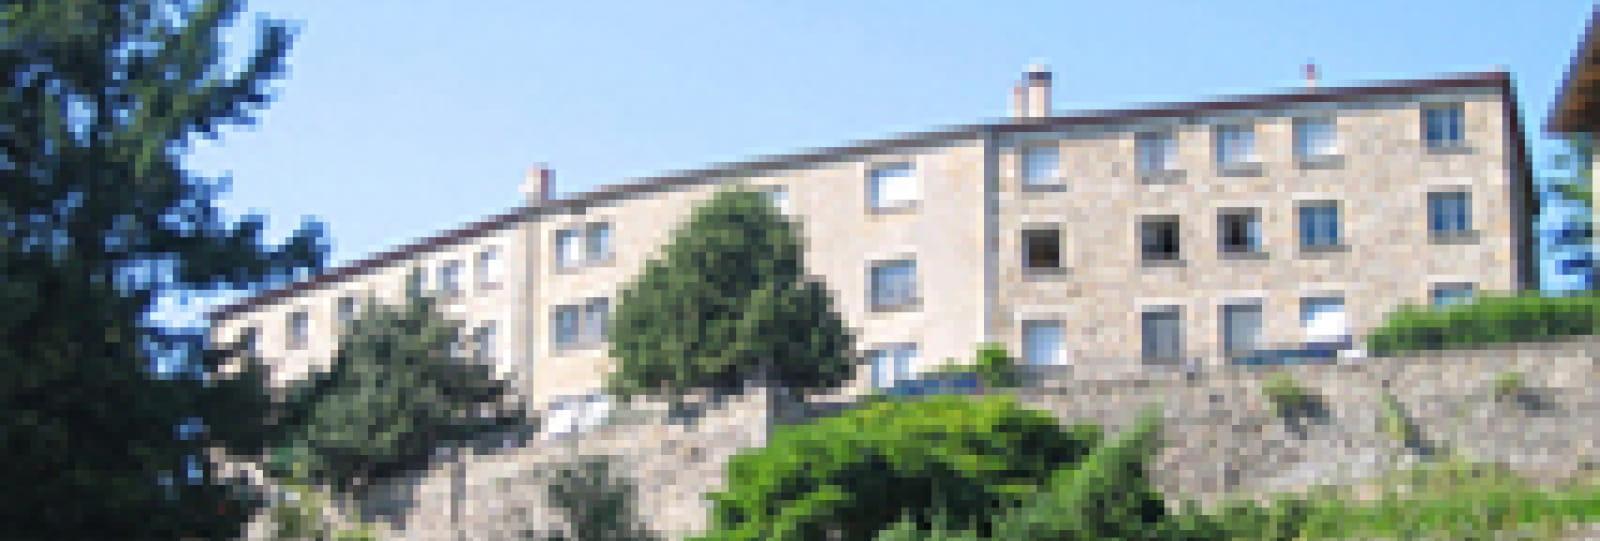 Maison Pierre Vigne